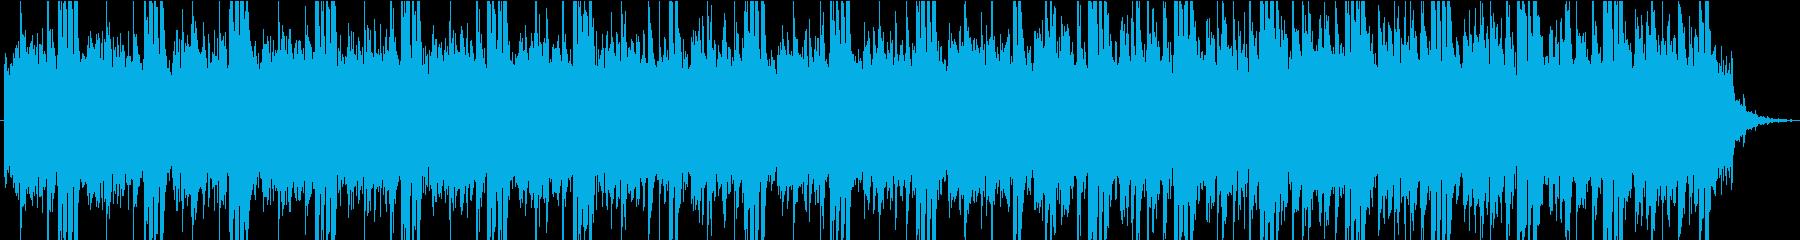 幻想的なミニマル・ミュージックの再生済みの波形